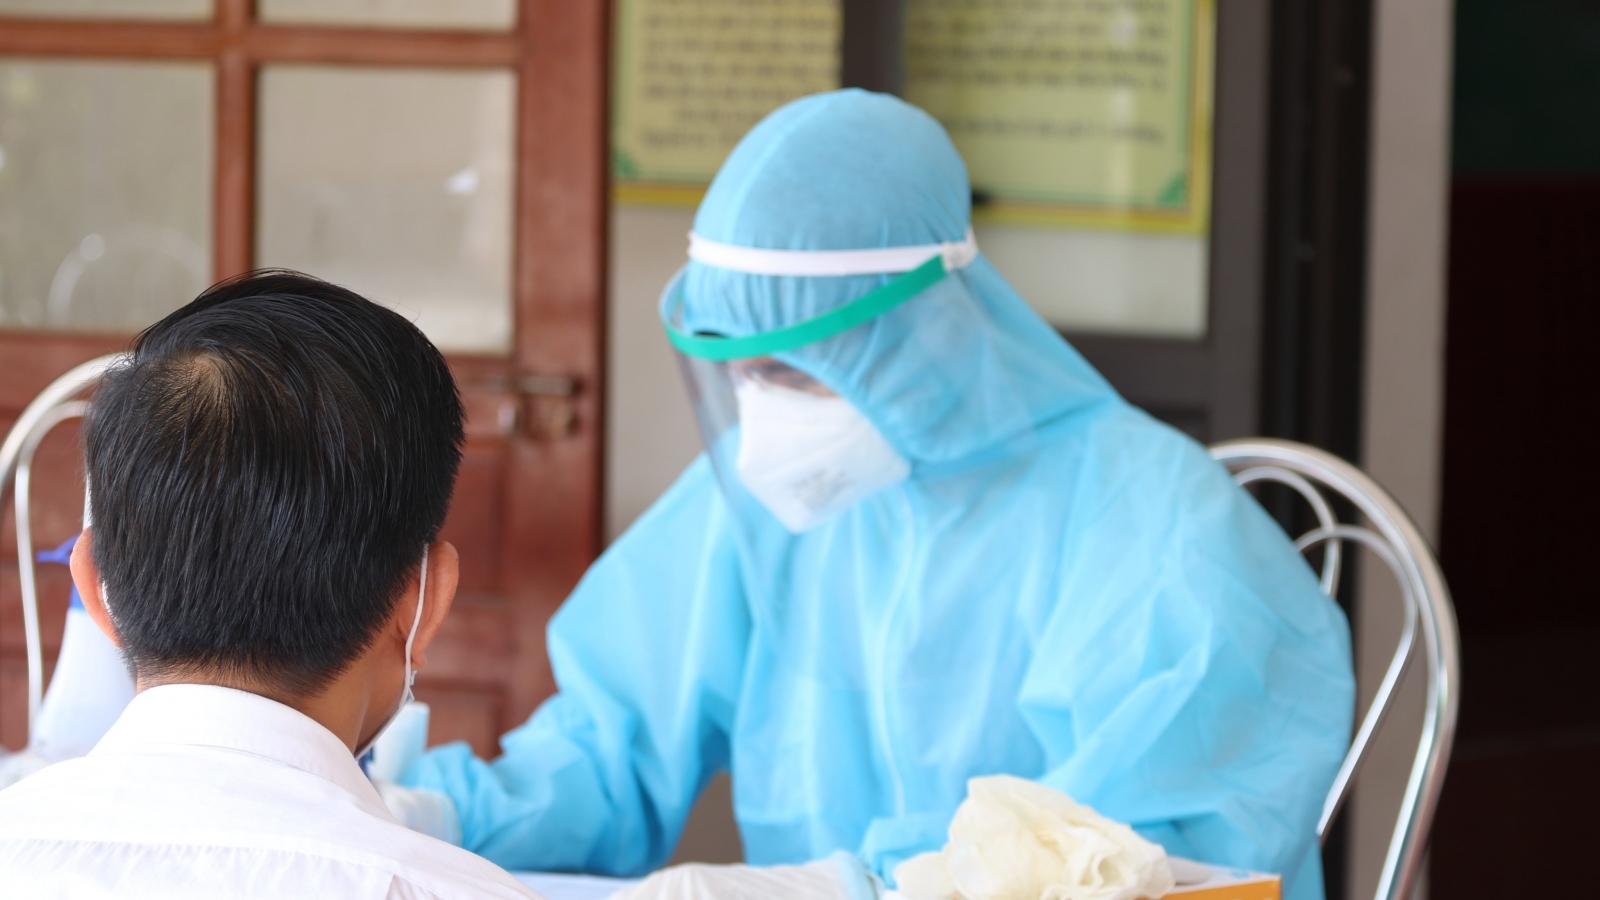 Thái Bình ghi nhận 2 ca dương tính với SARS-CoV-2